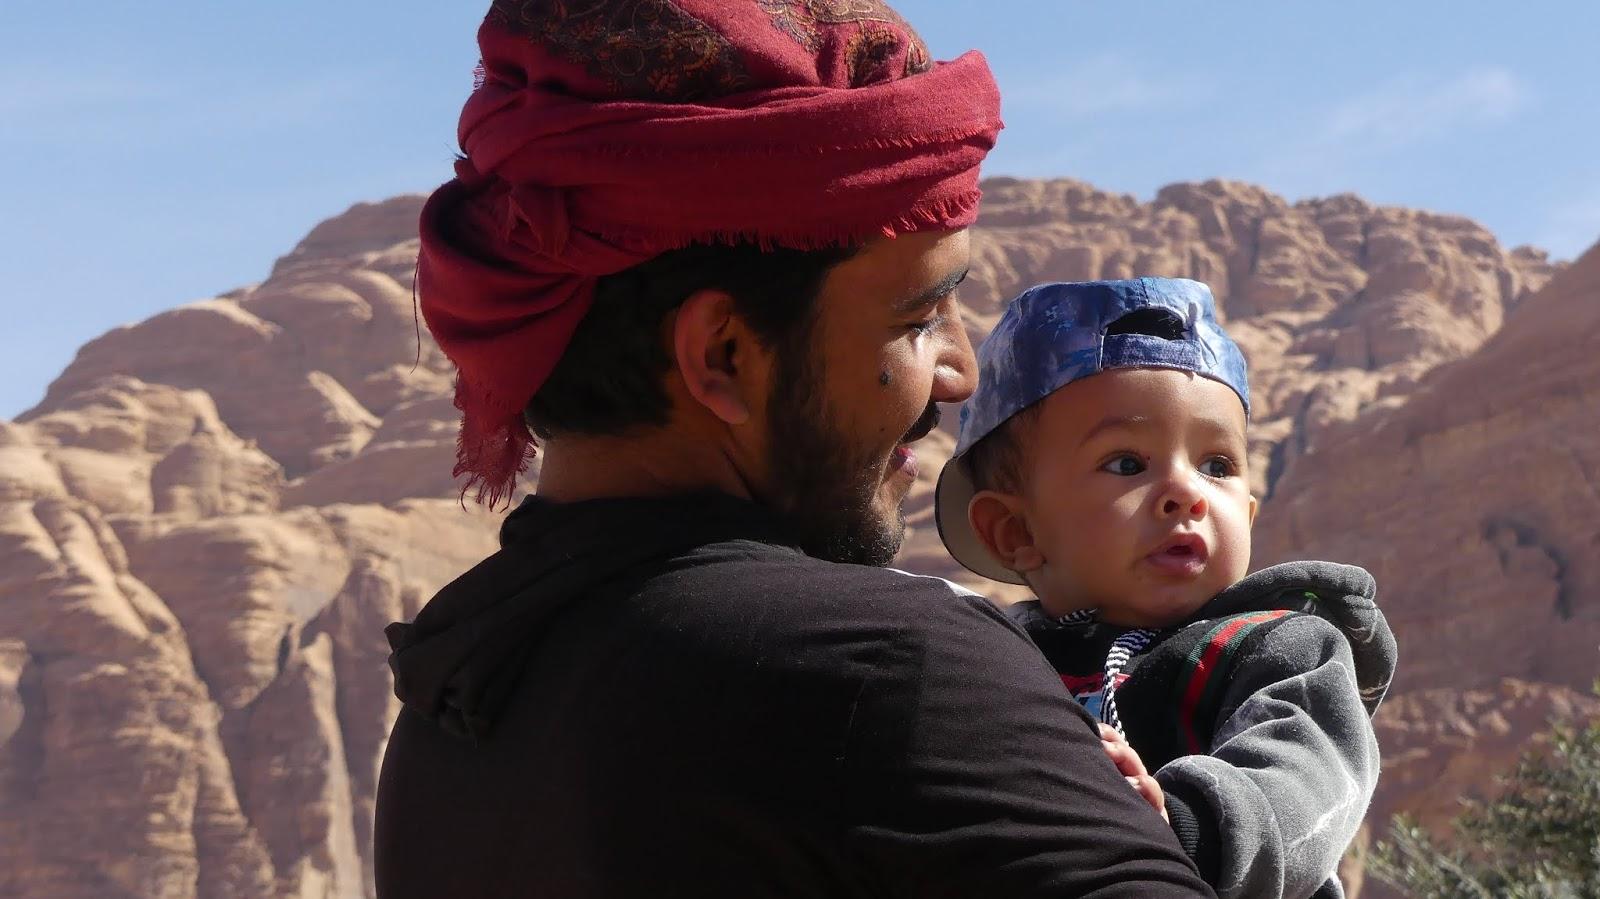 Wygląd Beduinów w Wadi Rum